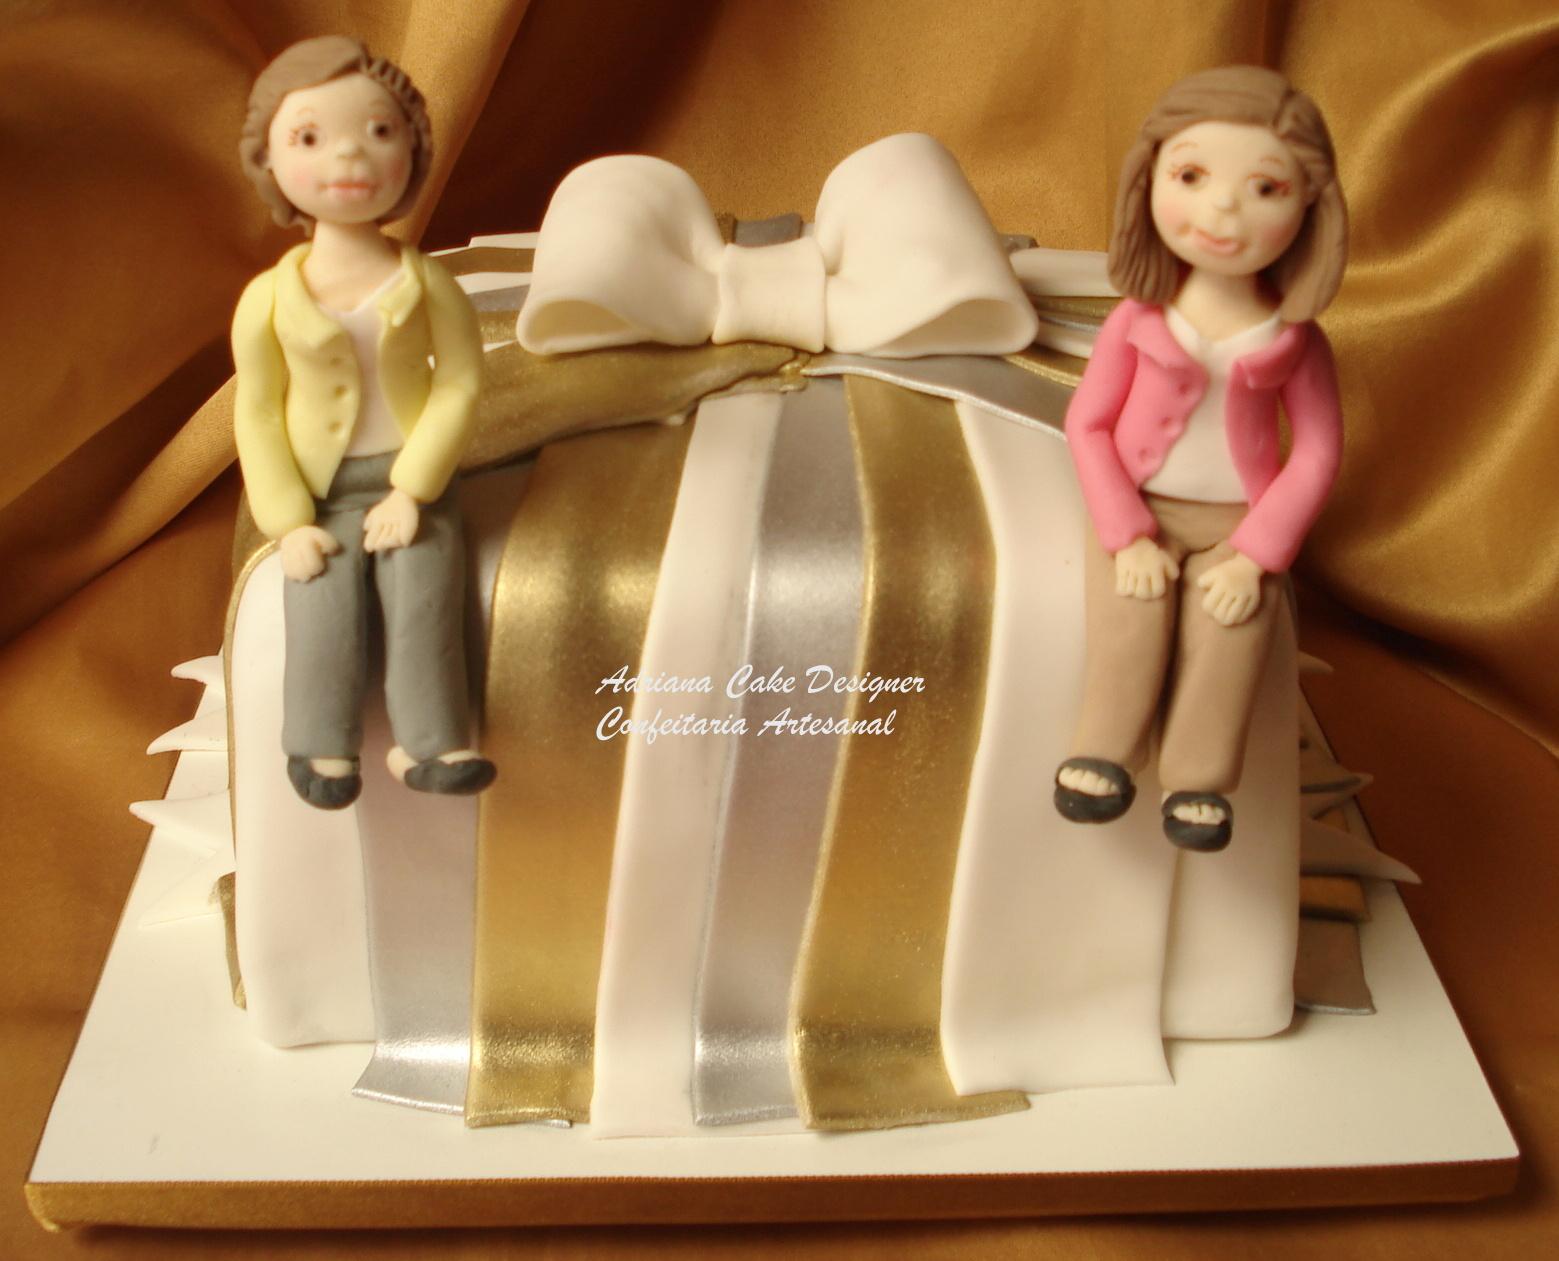 esse bolo foi para comemorar aniversrio de duas pessoas uma senhora de anos e de sua bisneta que queria registar esse momento nico com lindo bolo